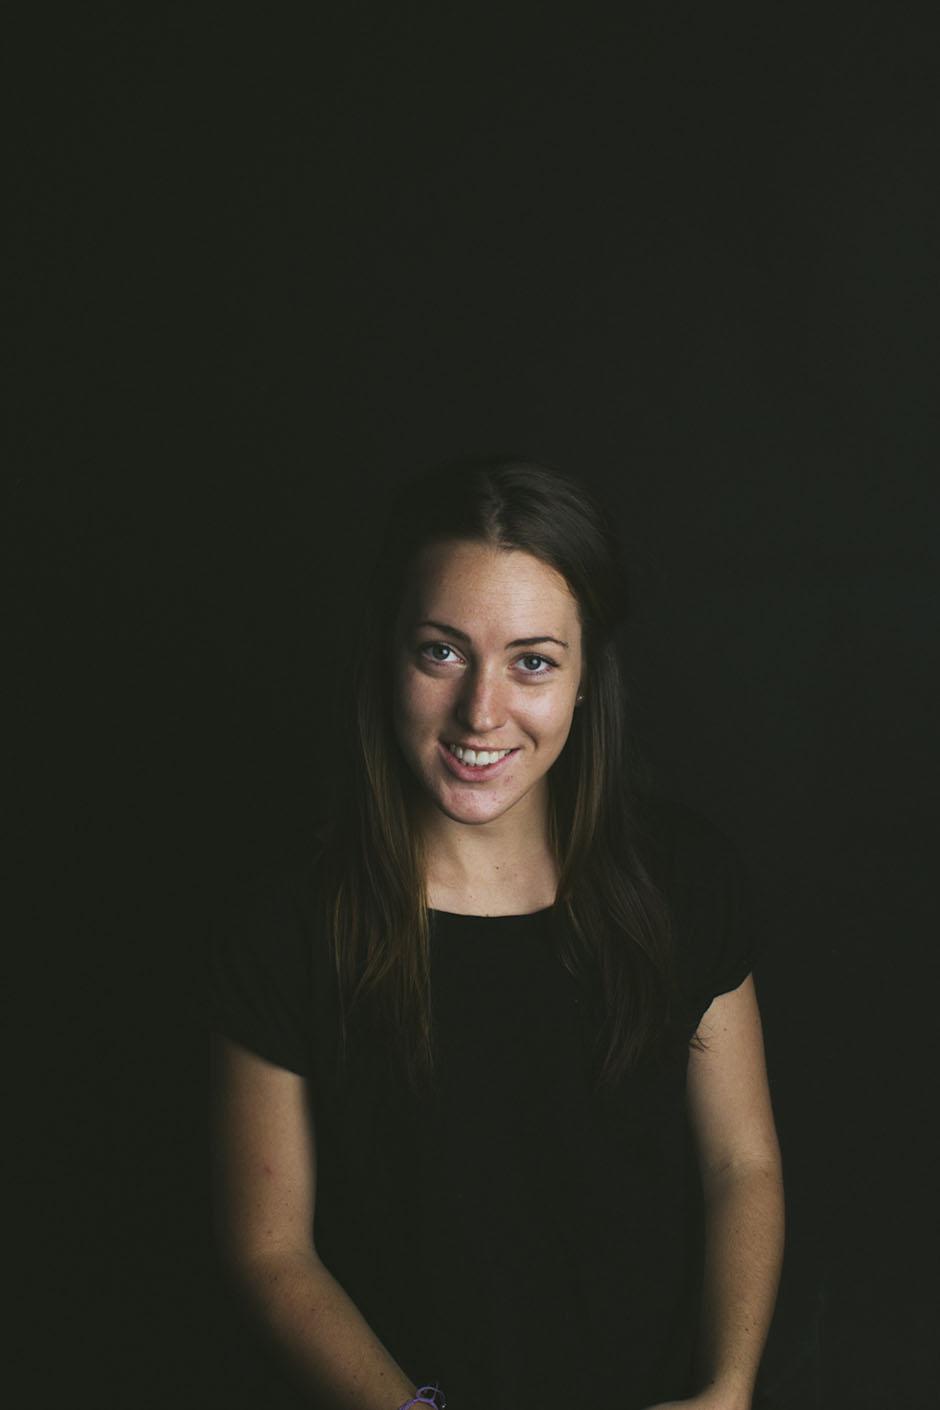 Rachel Walker. Portraits - Robyn. 07